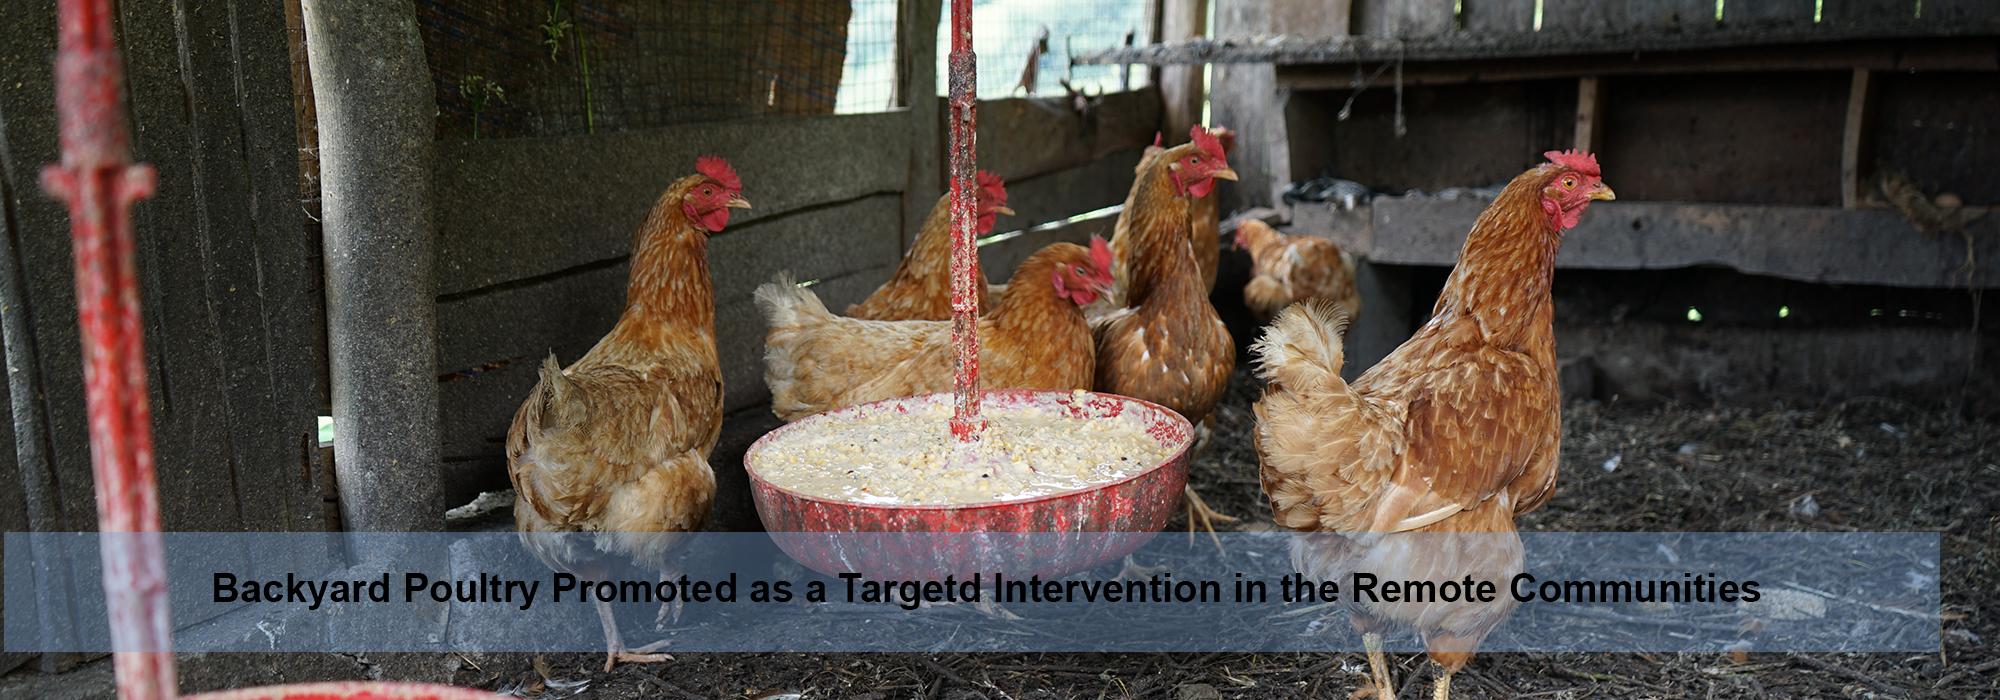 backyard-poultry-farm